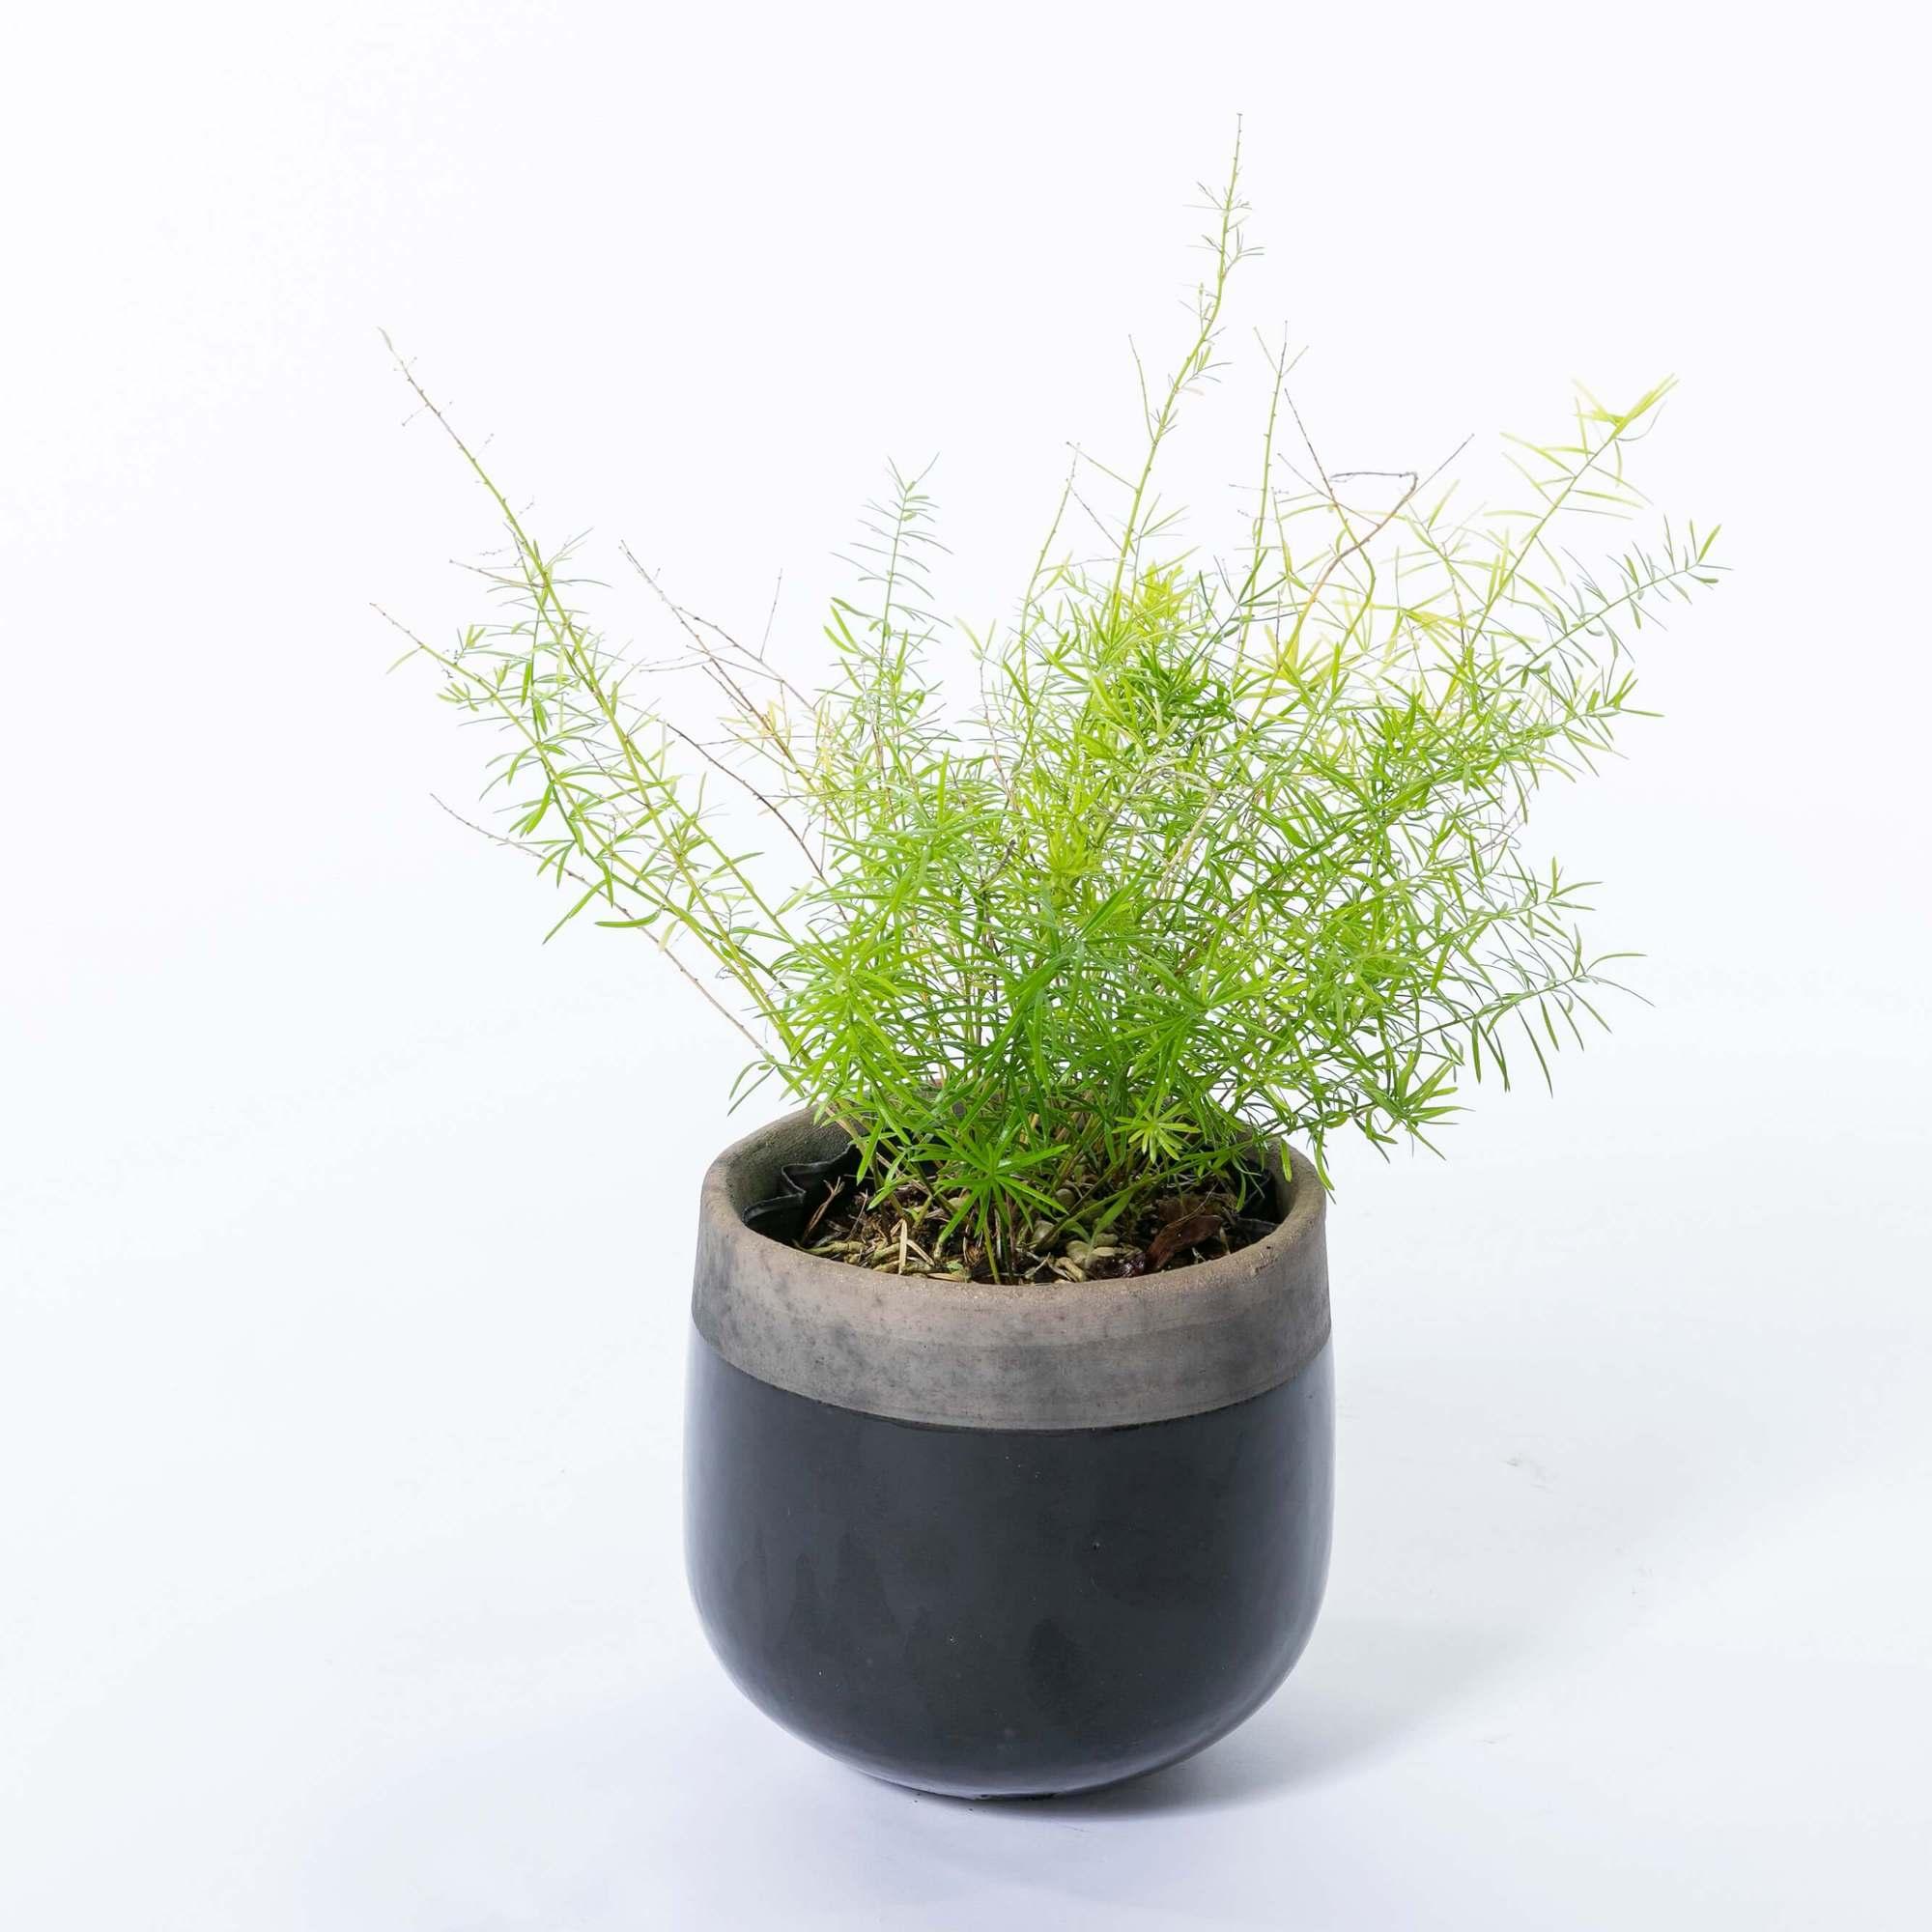 アスパラガス・スプレンゲリー アスパラガススプレンゲリー 植栽 常緑多年草